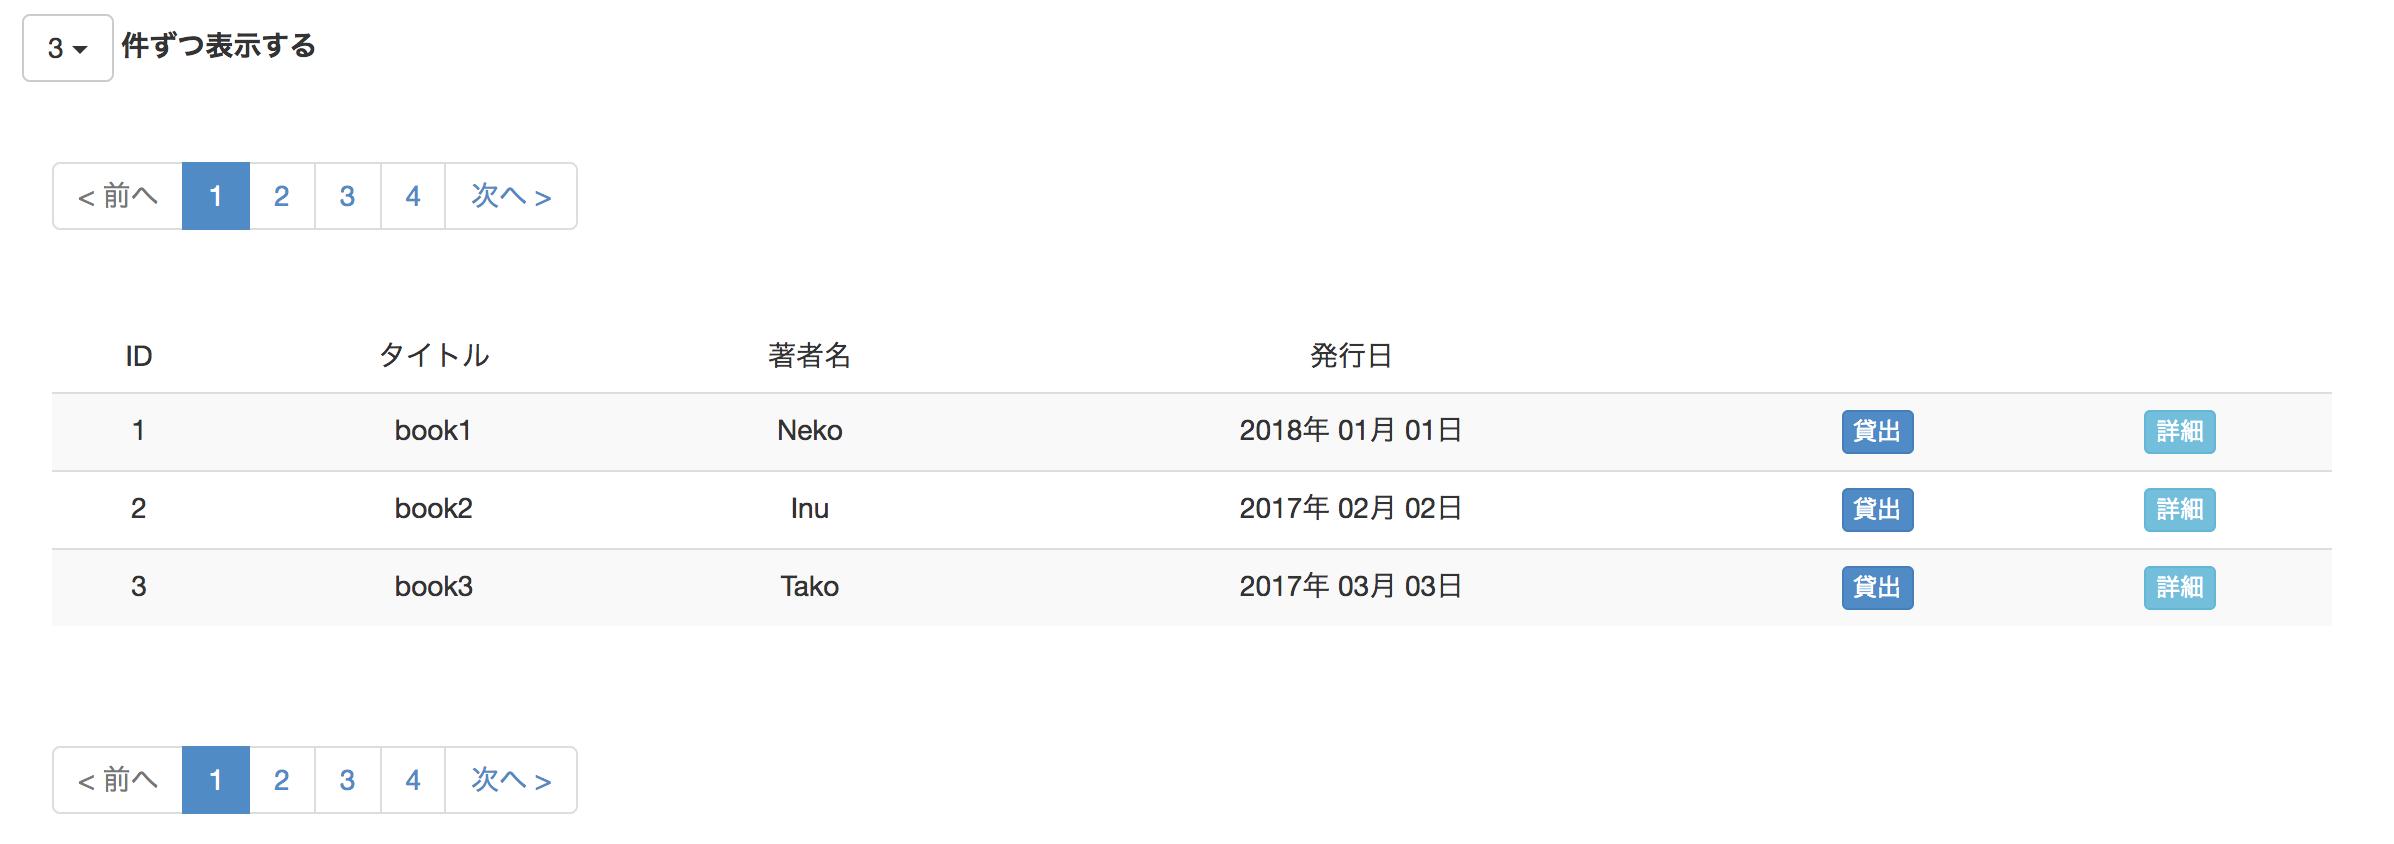 スクリーンショット 2018-07-18 0.52.20.png